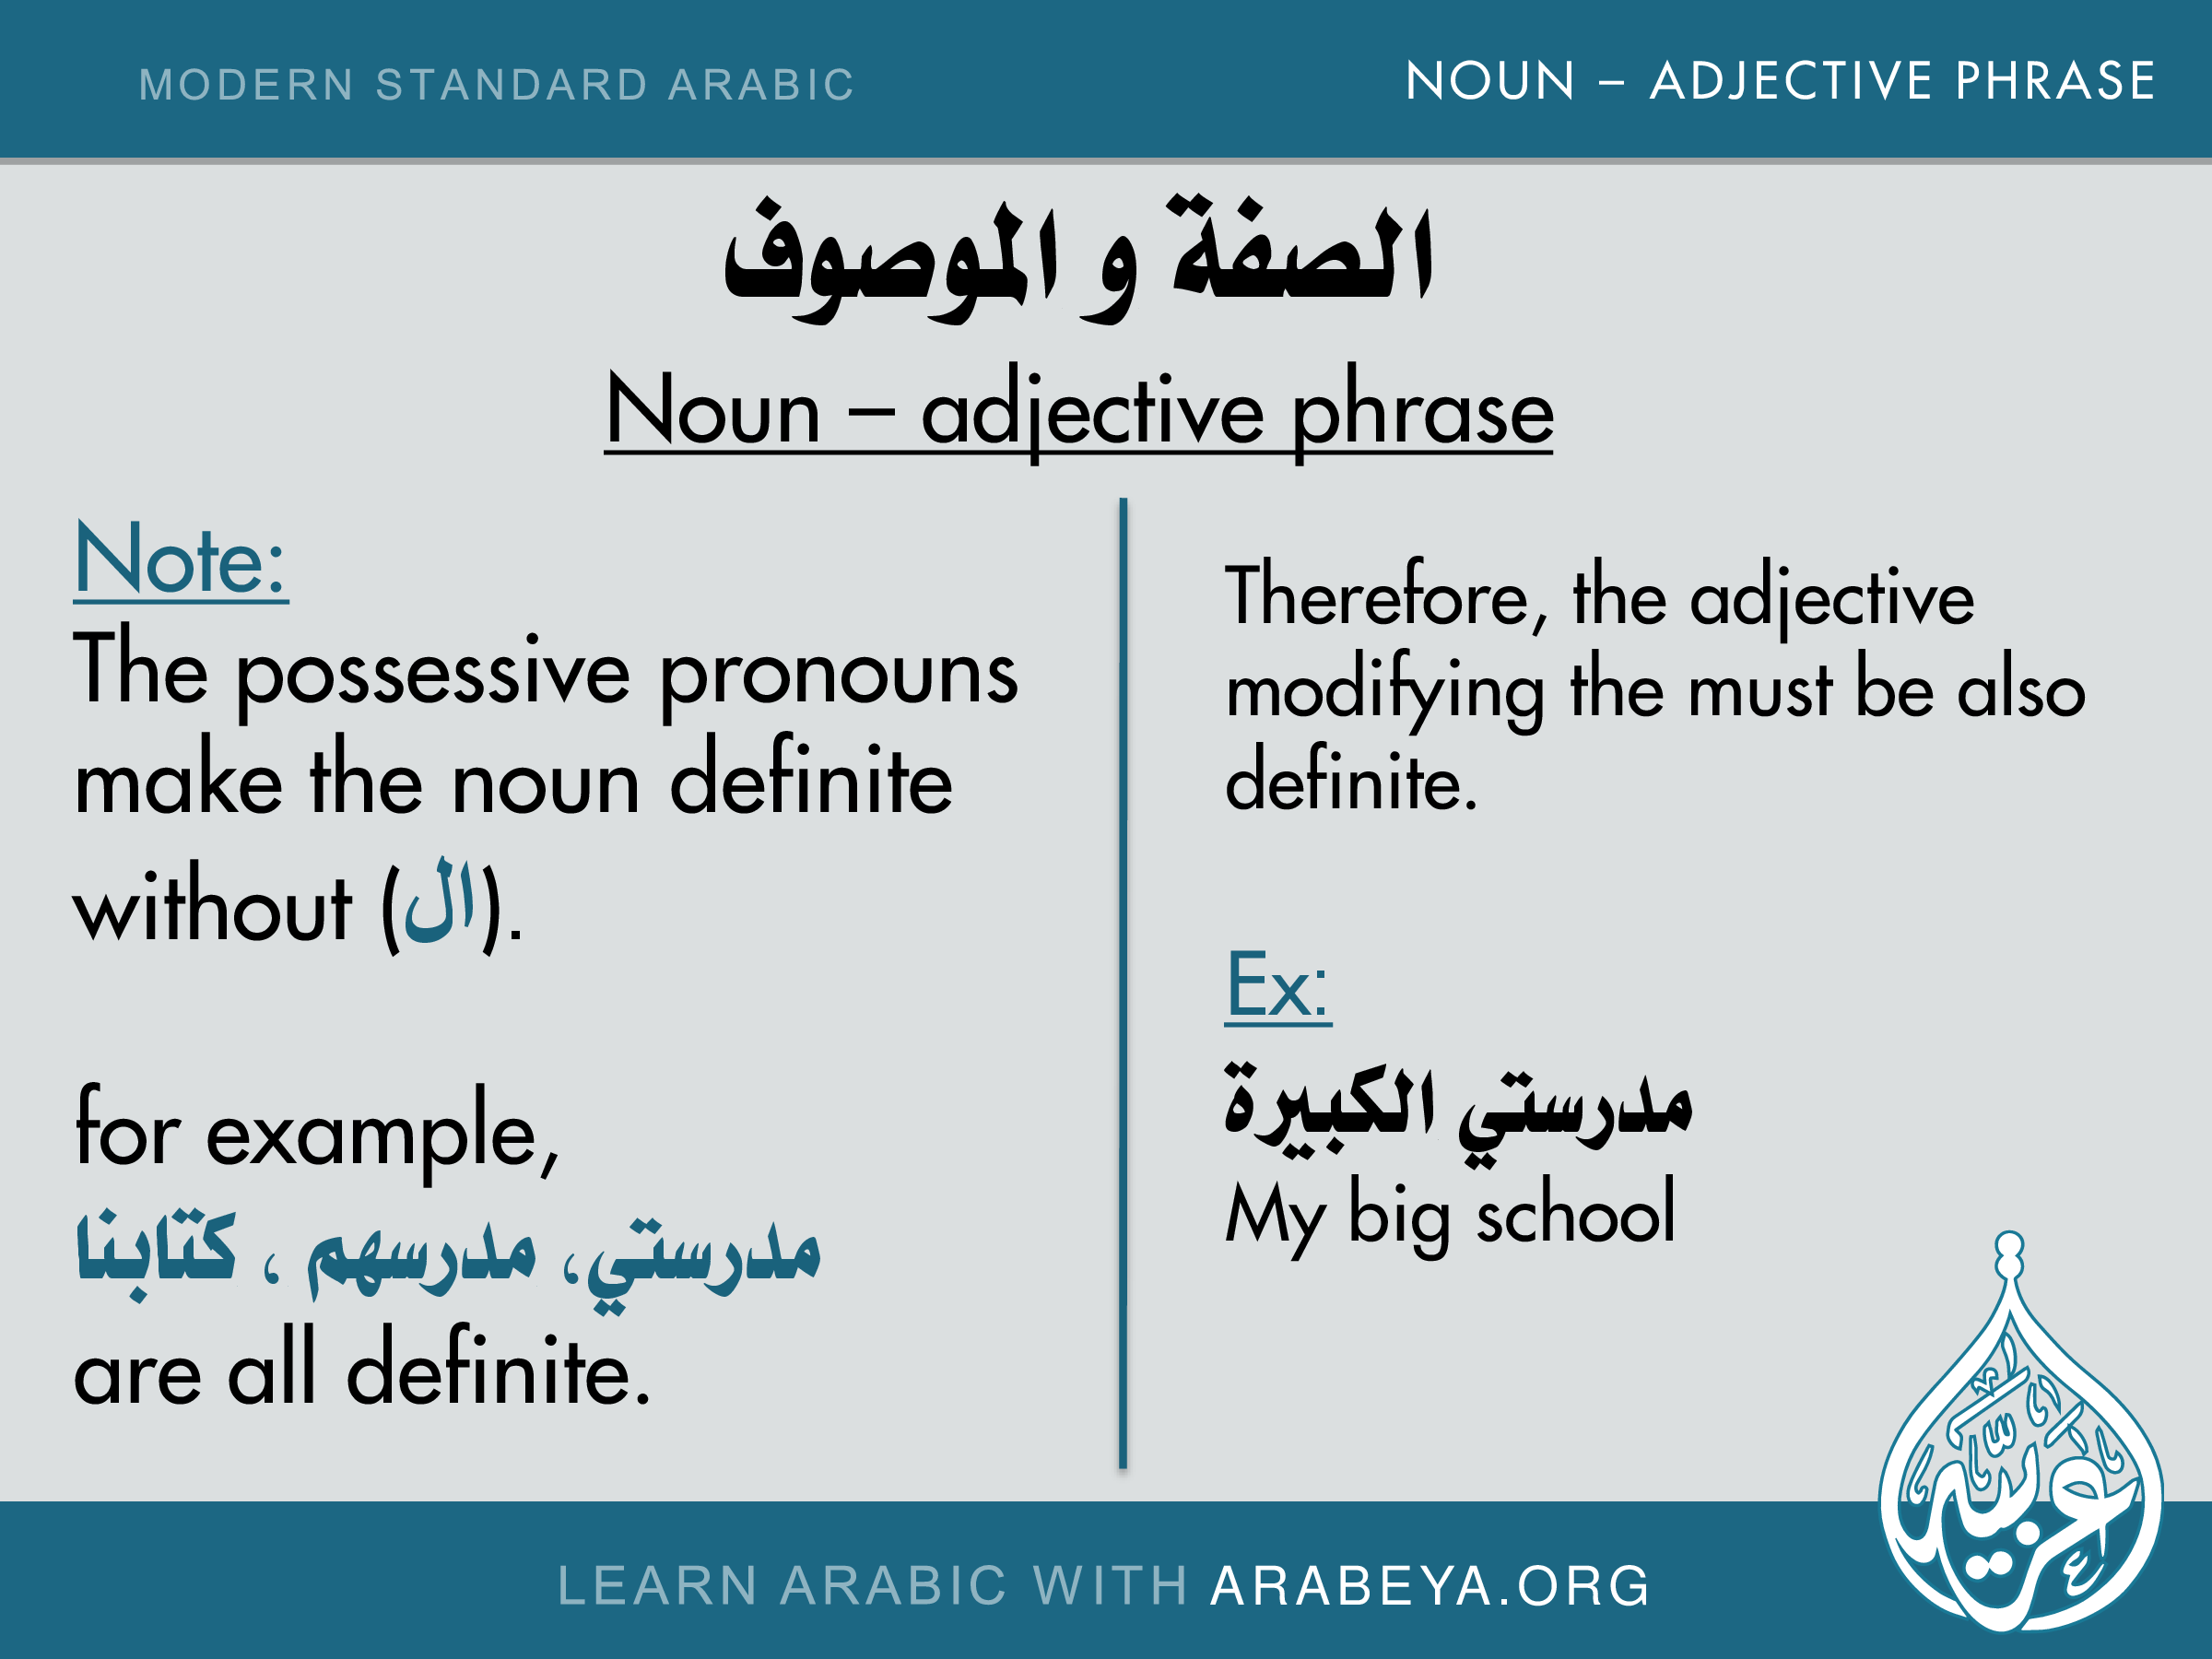 Noun Adjective Phrase Notes Noun Adjective Phrase Msa In 2018